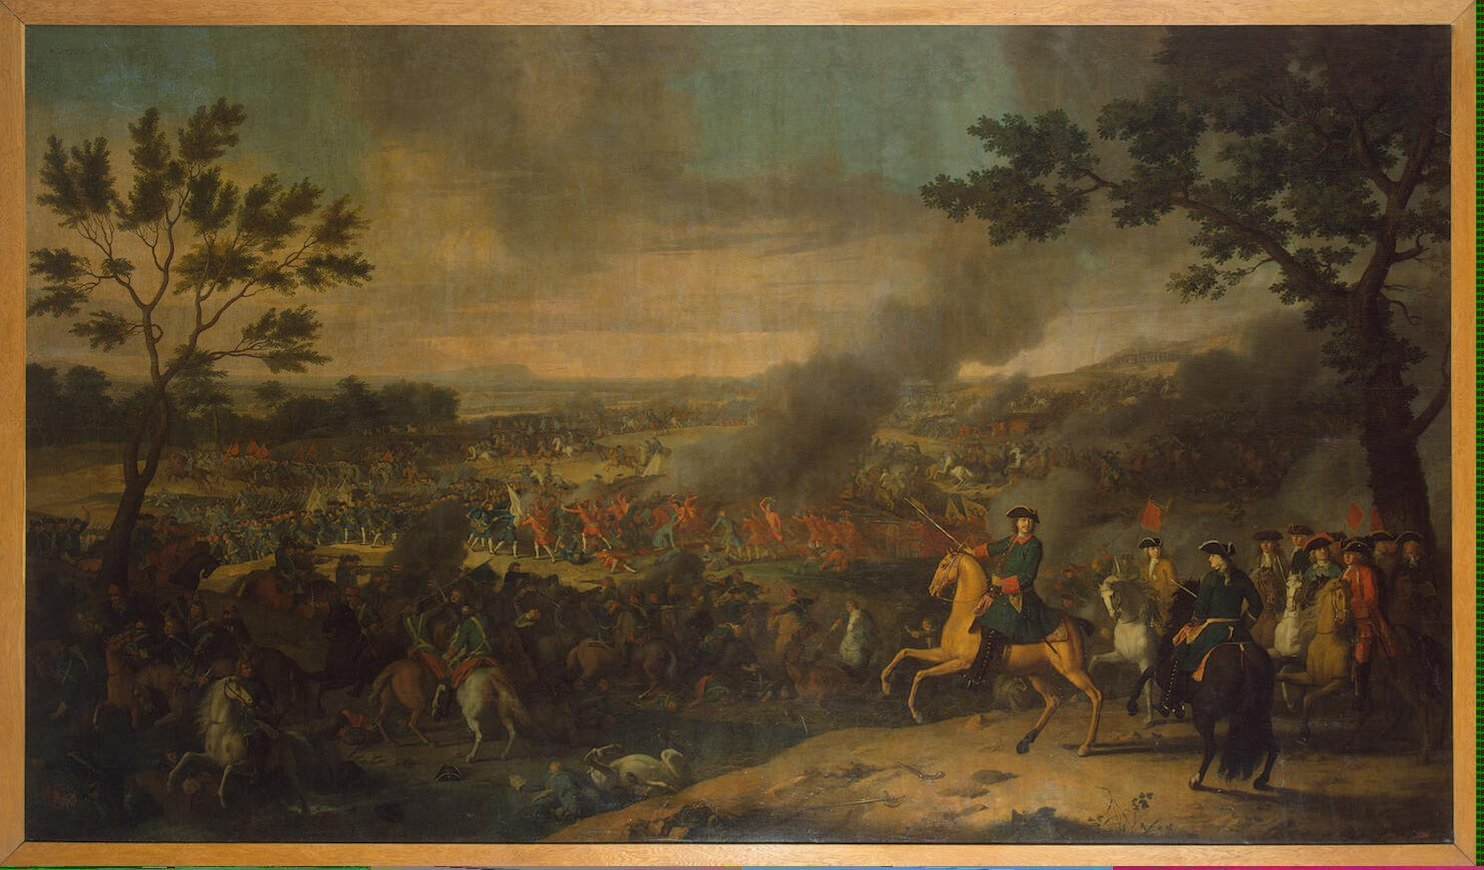 Car Piotr Iwbitwie pod Połtawą Źródło: Louis Caravaque, Car Piotr Iwbitwie pod Połtawą, 1718, domena publiczna.